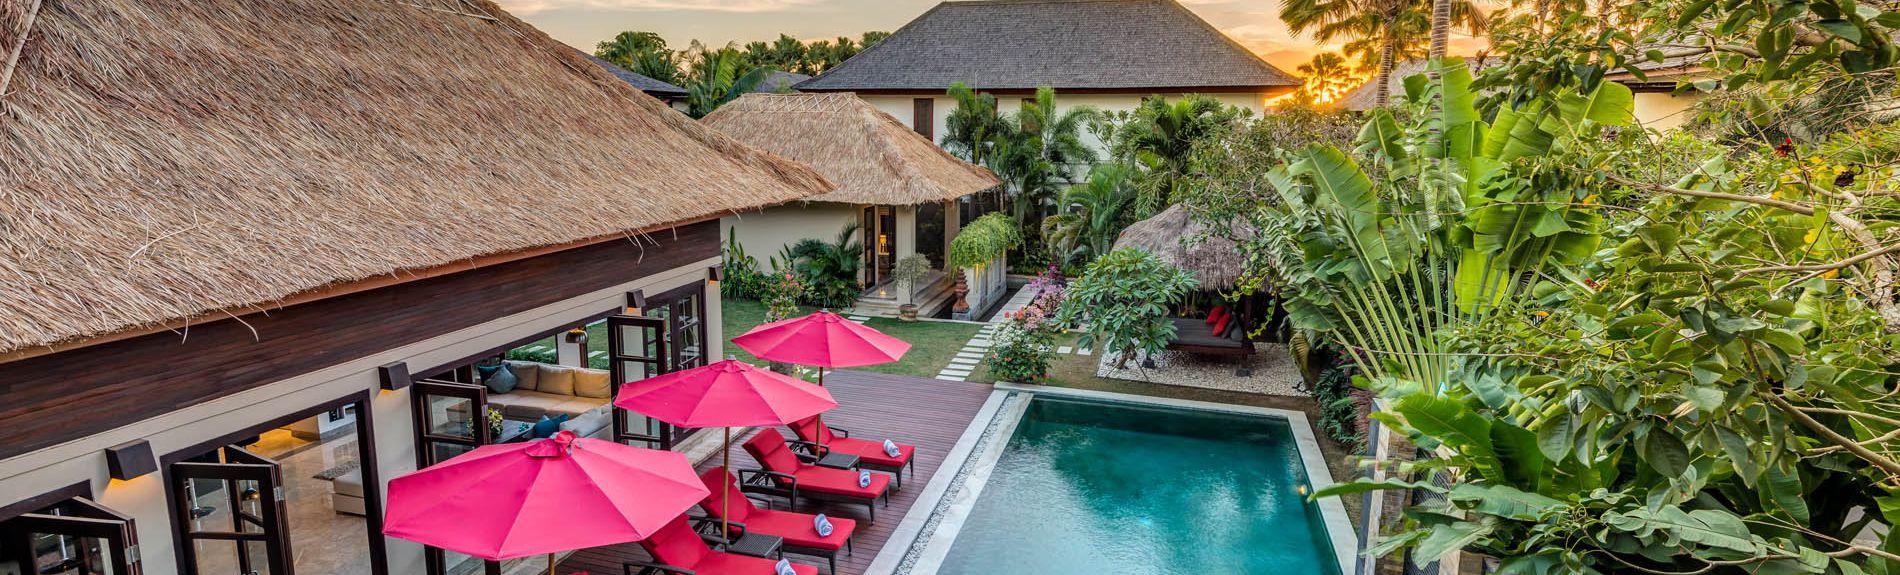 Pererenan, Canggu, Bali, Indonesien